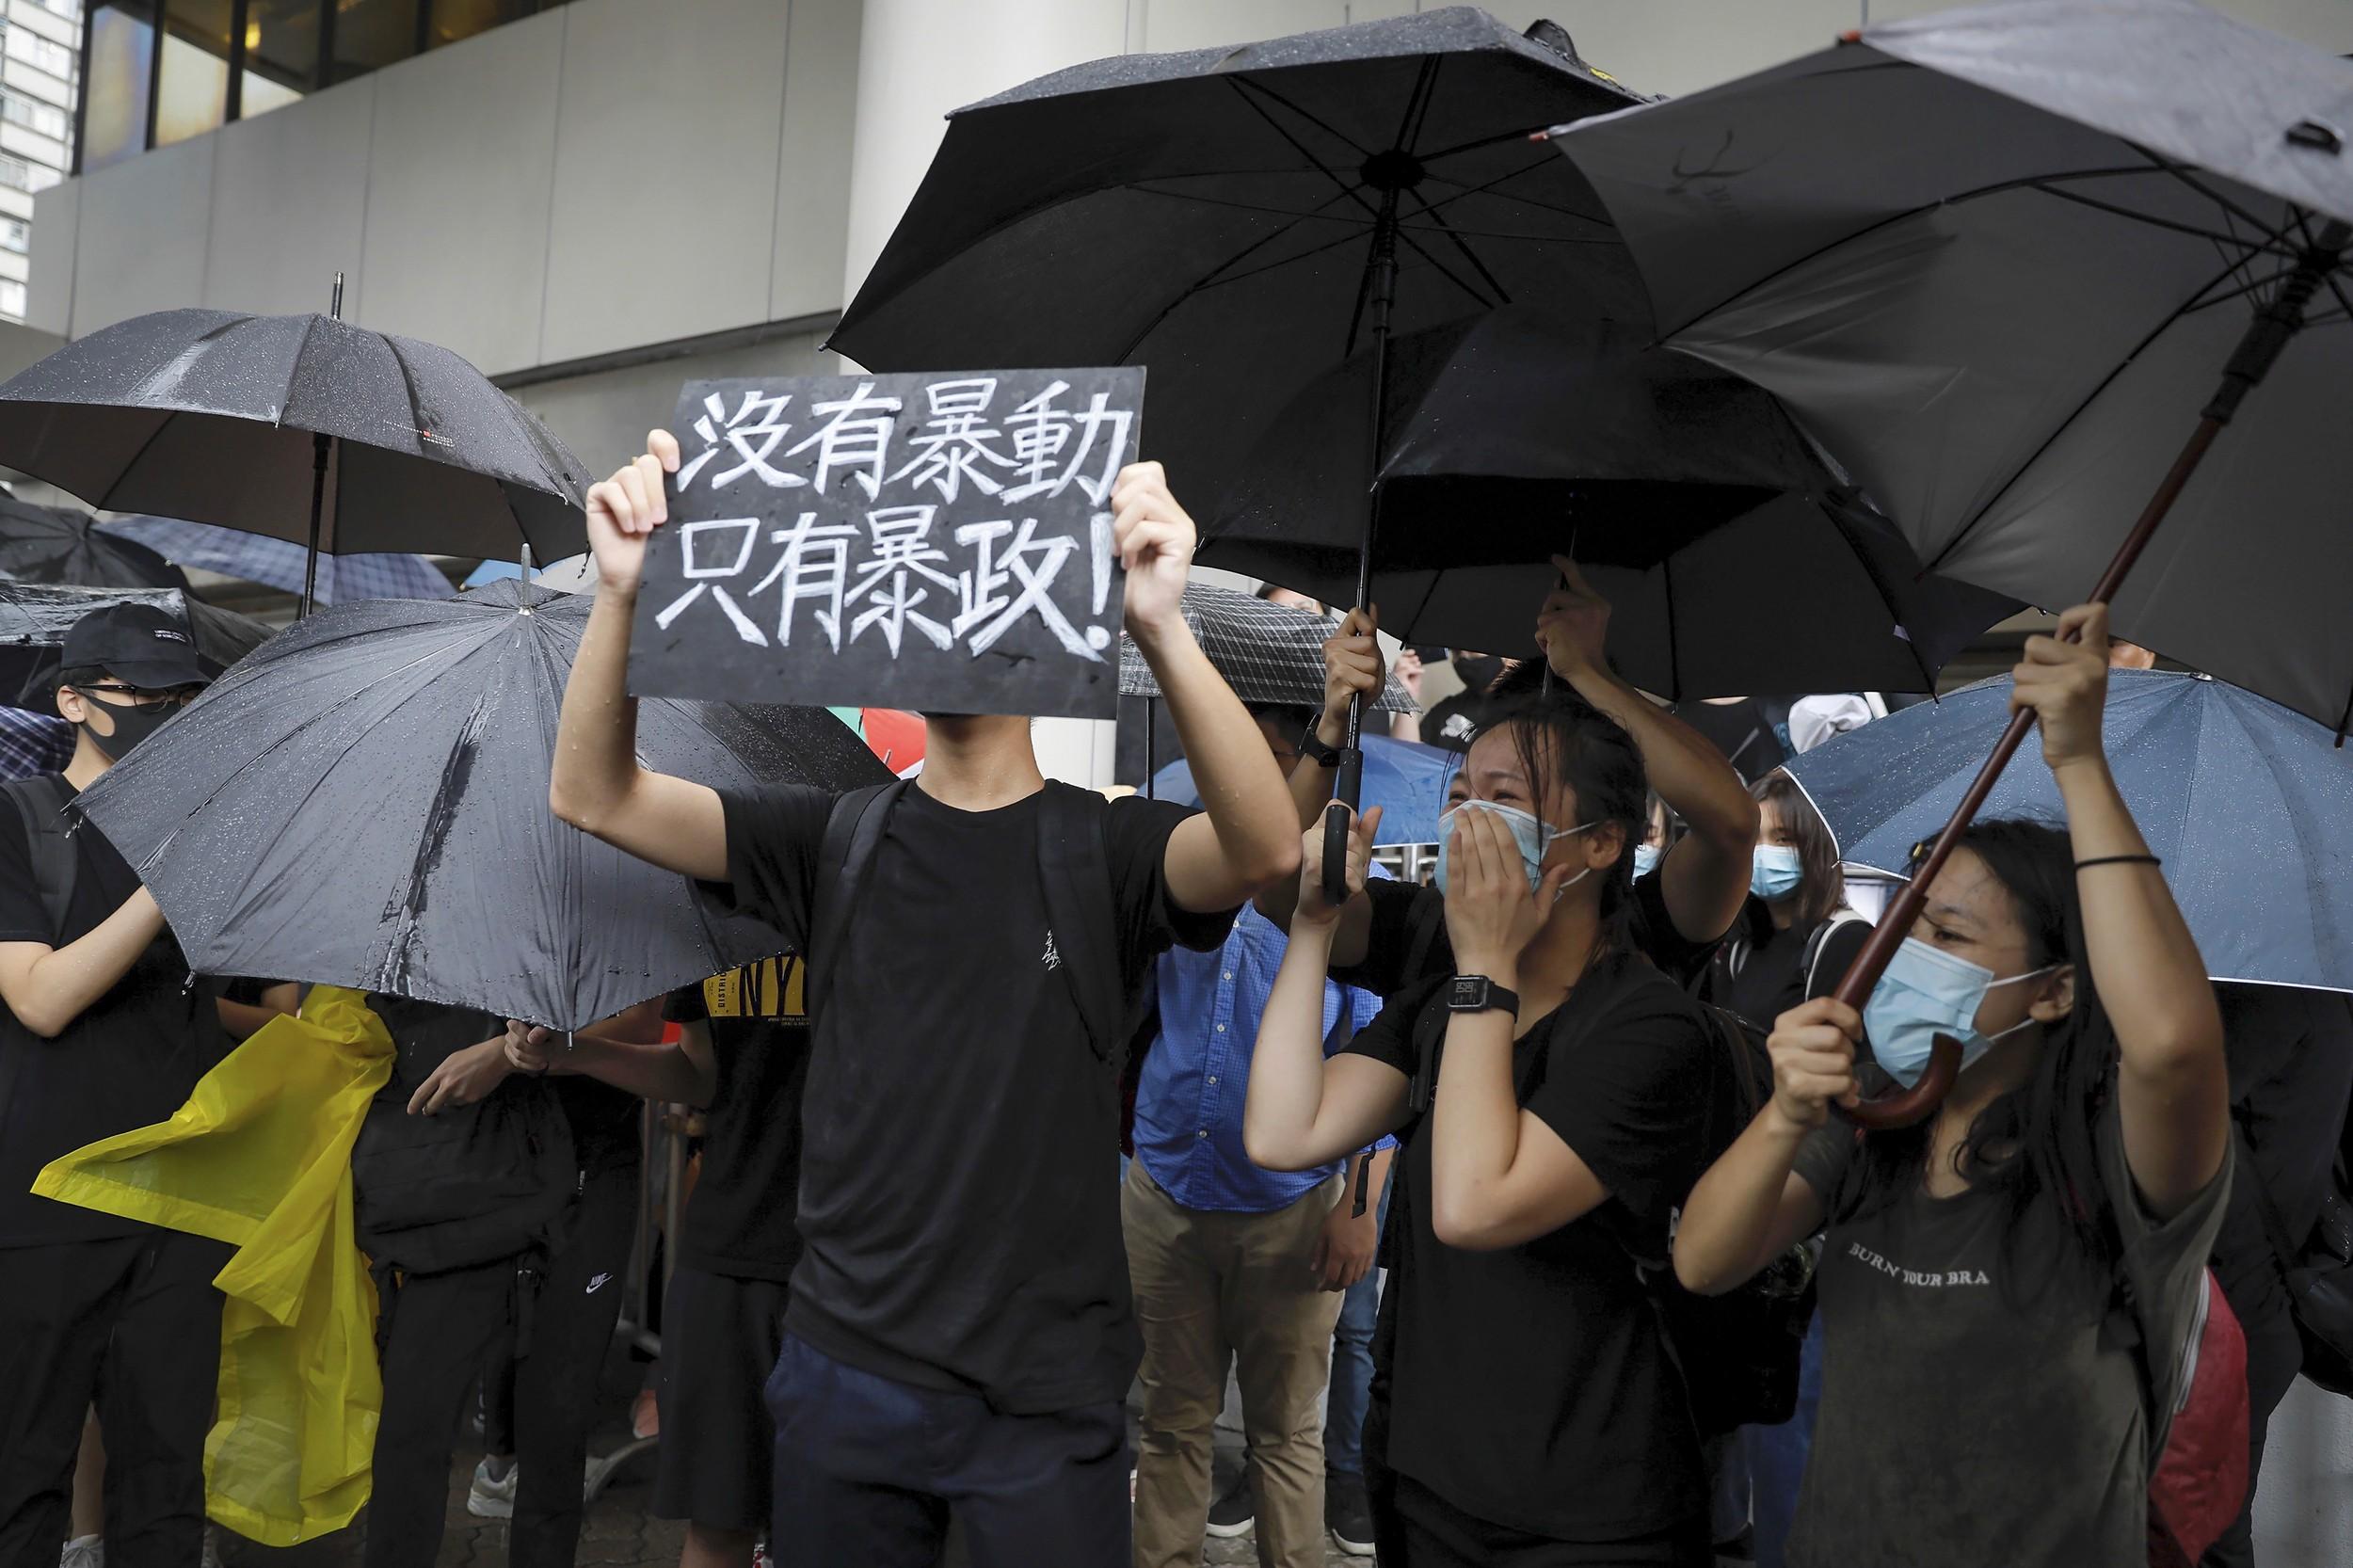 """2019年7月31日,香港东区法院大楼外,近千名声援者在场聚集,高叫""""没有暴动、只有暴政""""等口号。(美联社)"""